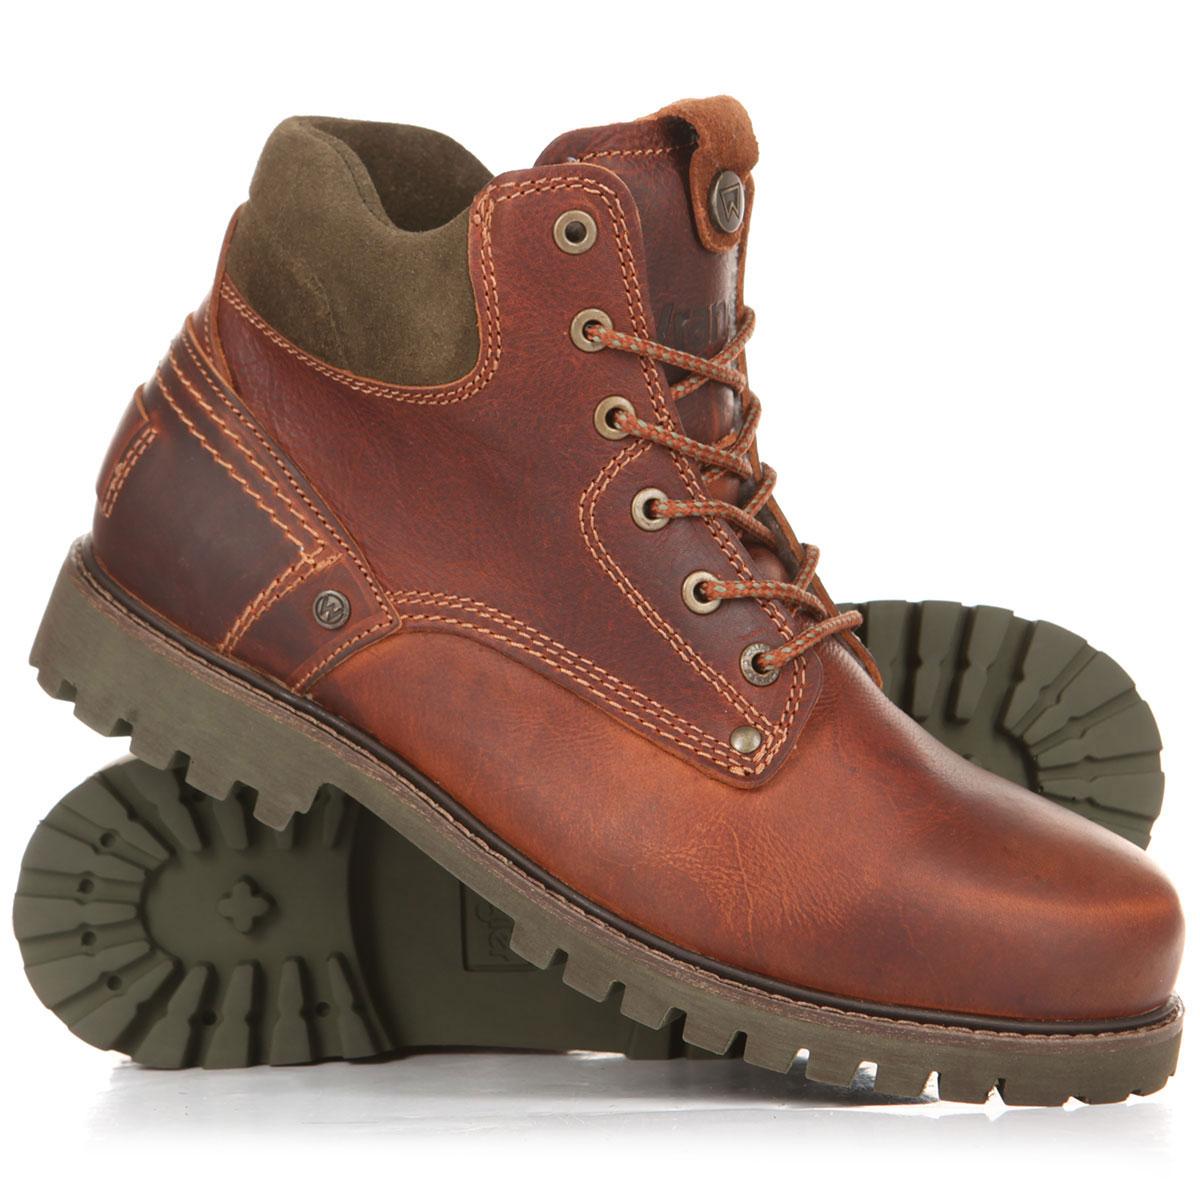 84b696827ad5 Купить ботинки зимние WRANGLER Yuma Leather Light Fur S Cognac в  интернет-магазине Proskater.ru